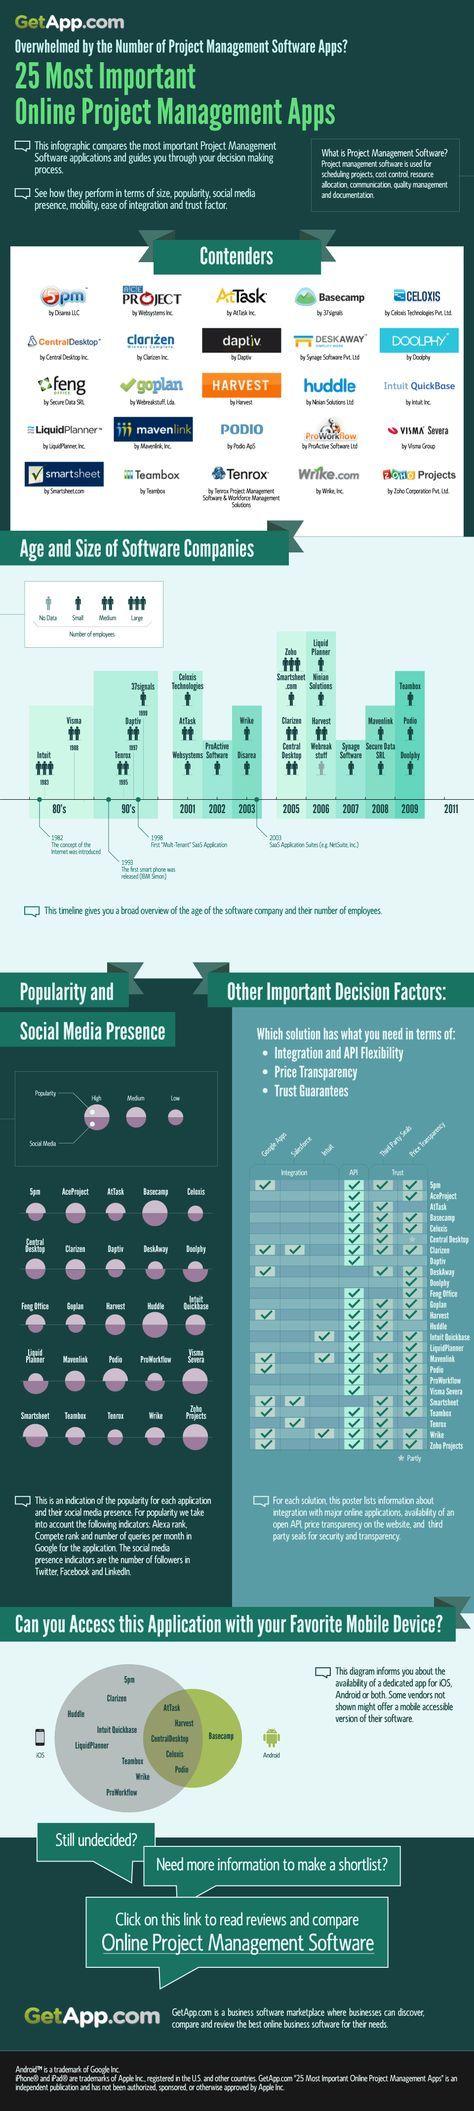 25 herramientas de Gestión de Proyectos #infografia #infographic #software